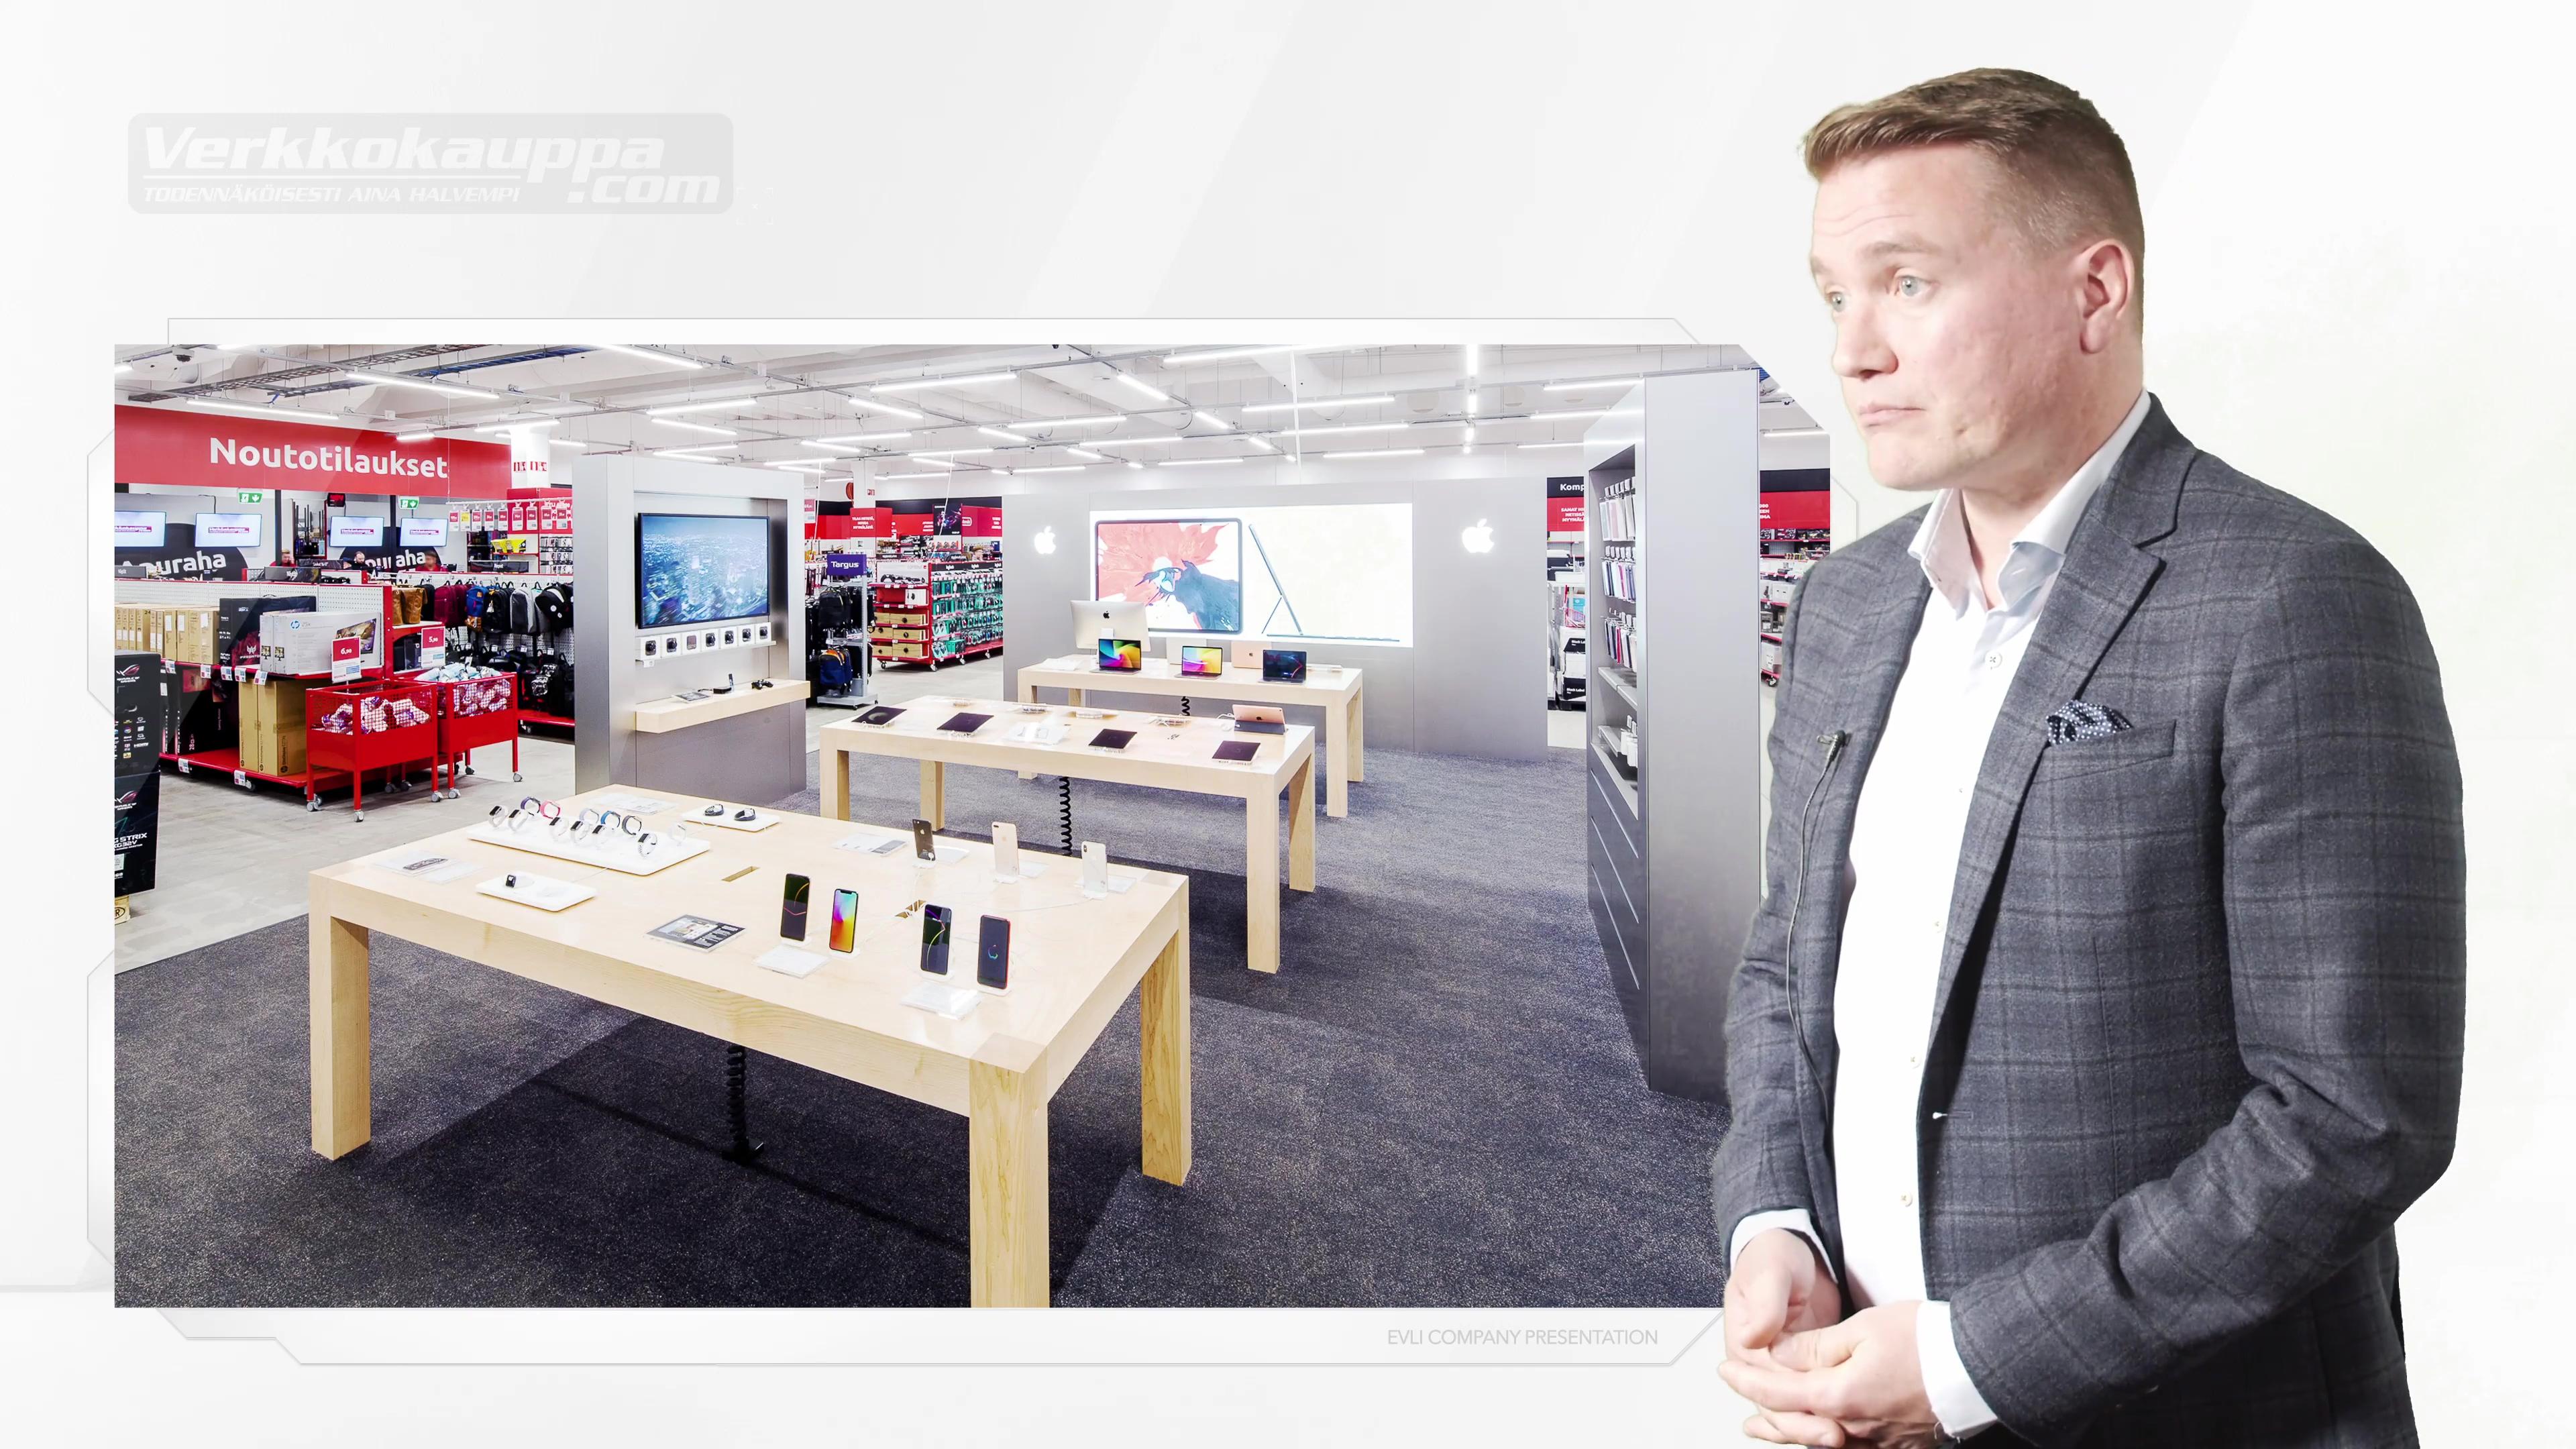 Verkkokauppa com company presentation 040902019